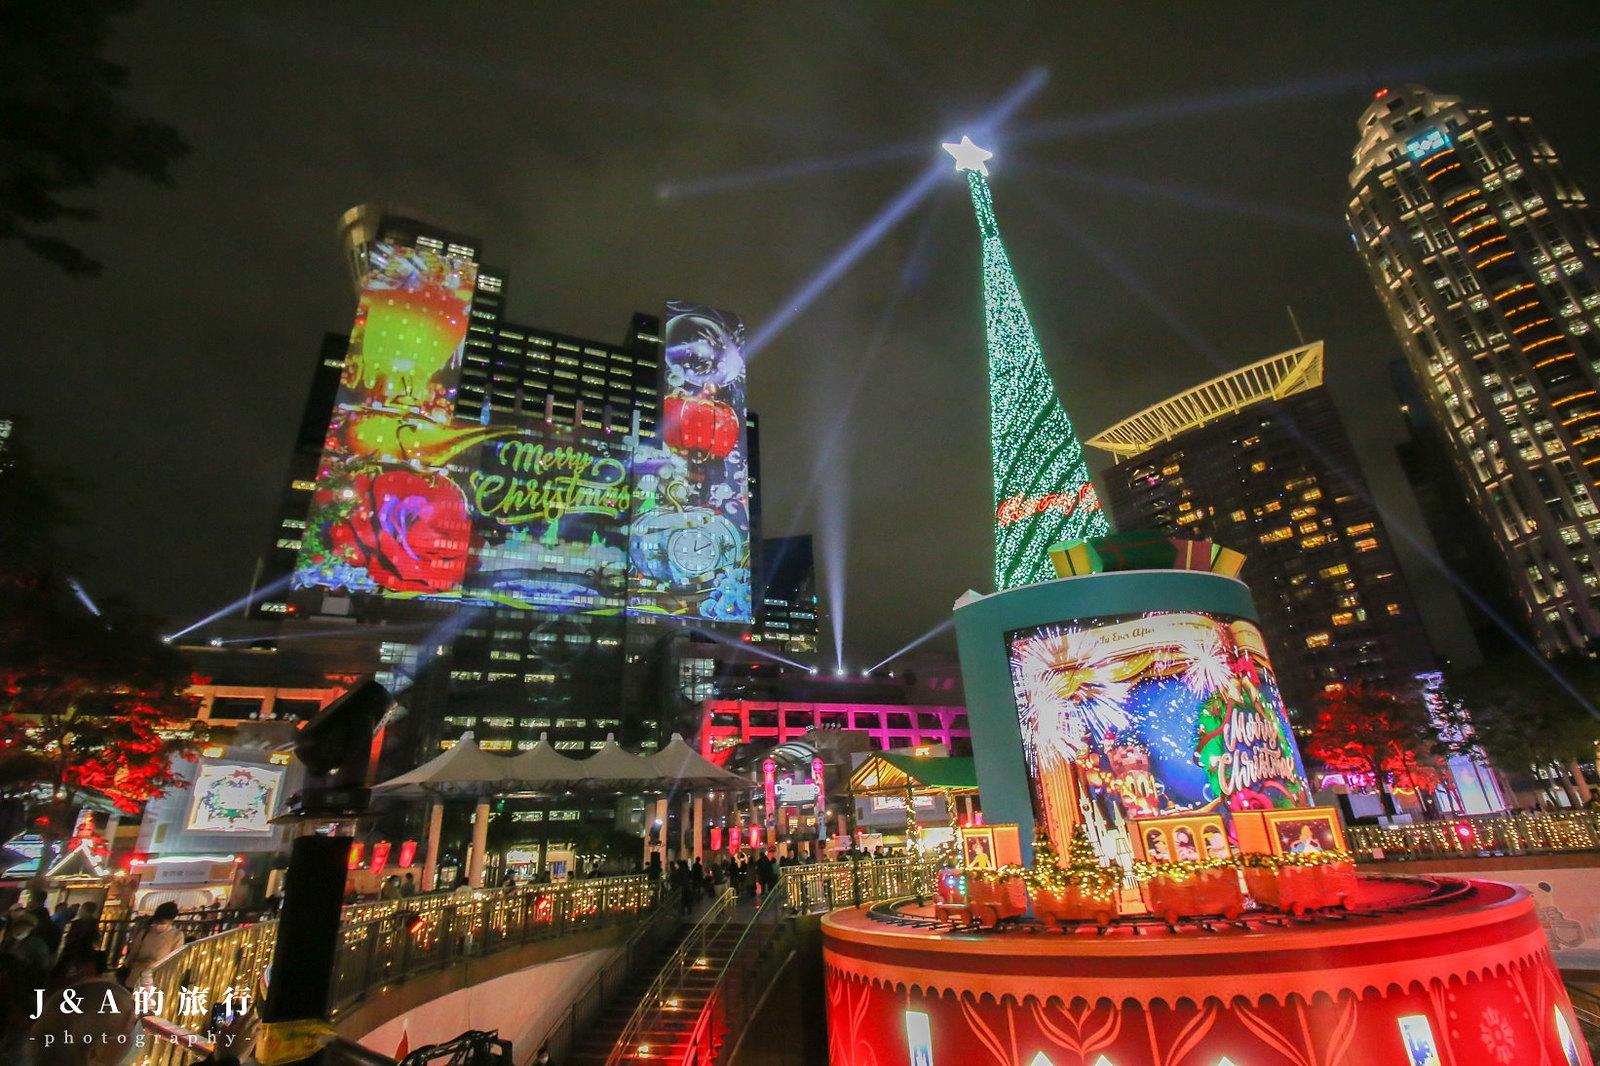 最新推播訊息:新北耶誕城明天開城囉!帶你看夢幻迪士尼主題燈飾造景